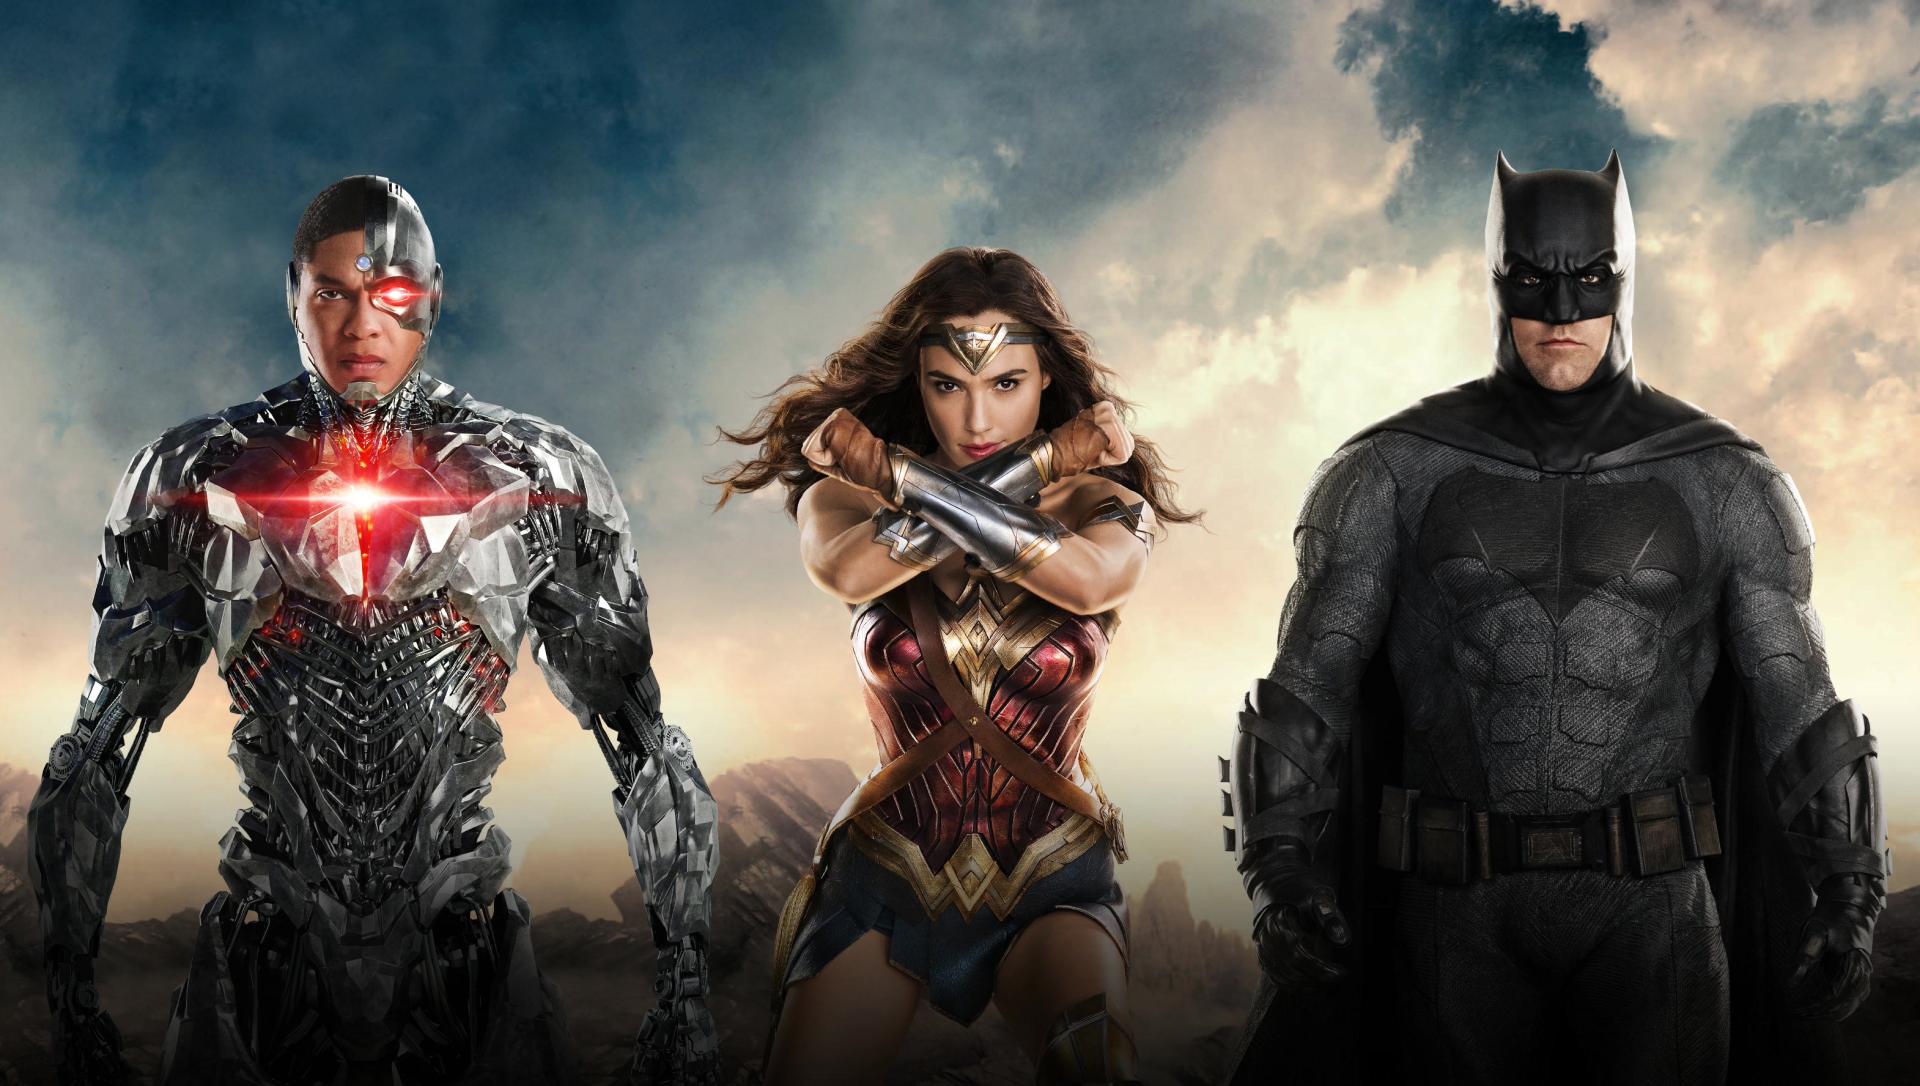 Justice League 2017 Movie 4k Hd Desktop Wallpaper For 4k: Liga De La Justicia Fondos De Pantalla, Justice League